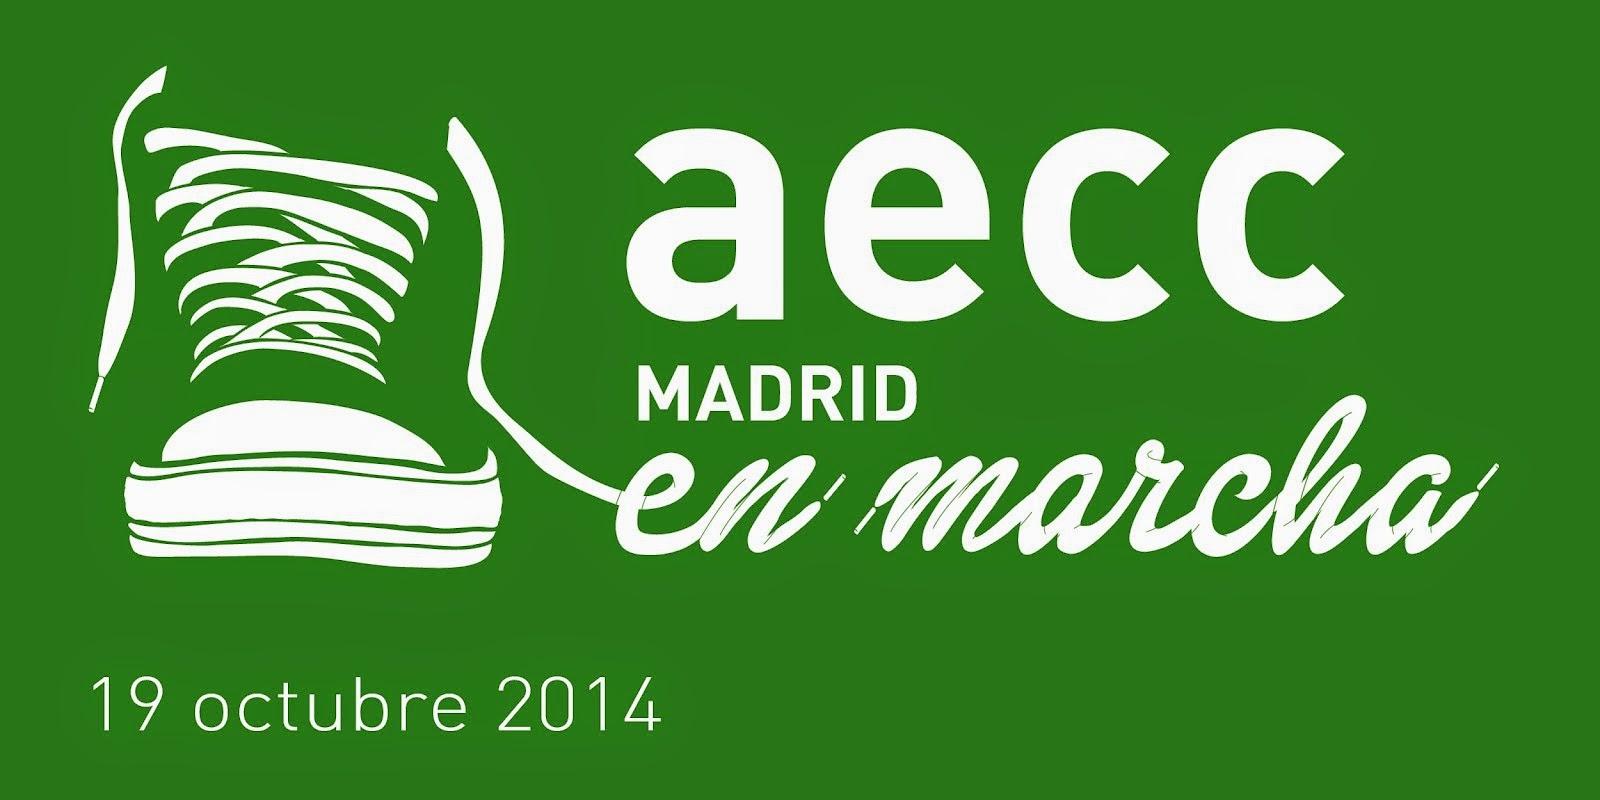 ¡Apúntate #aeccEnMarcha